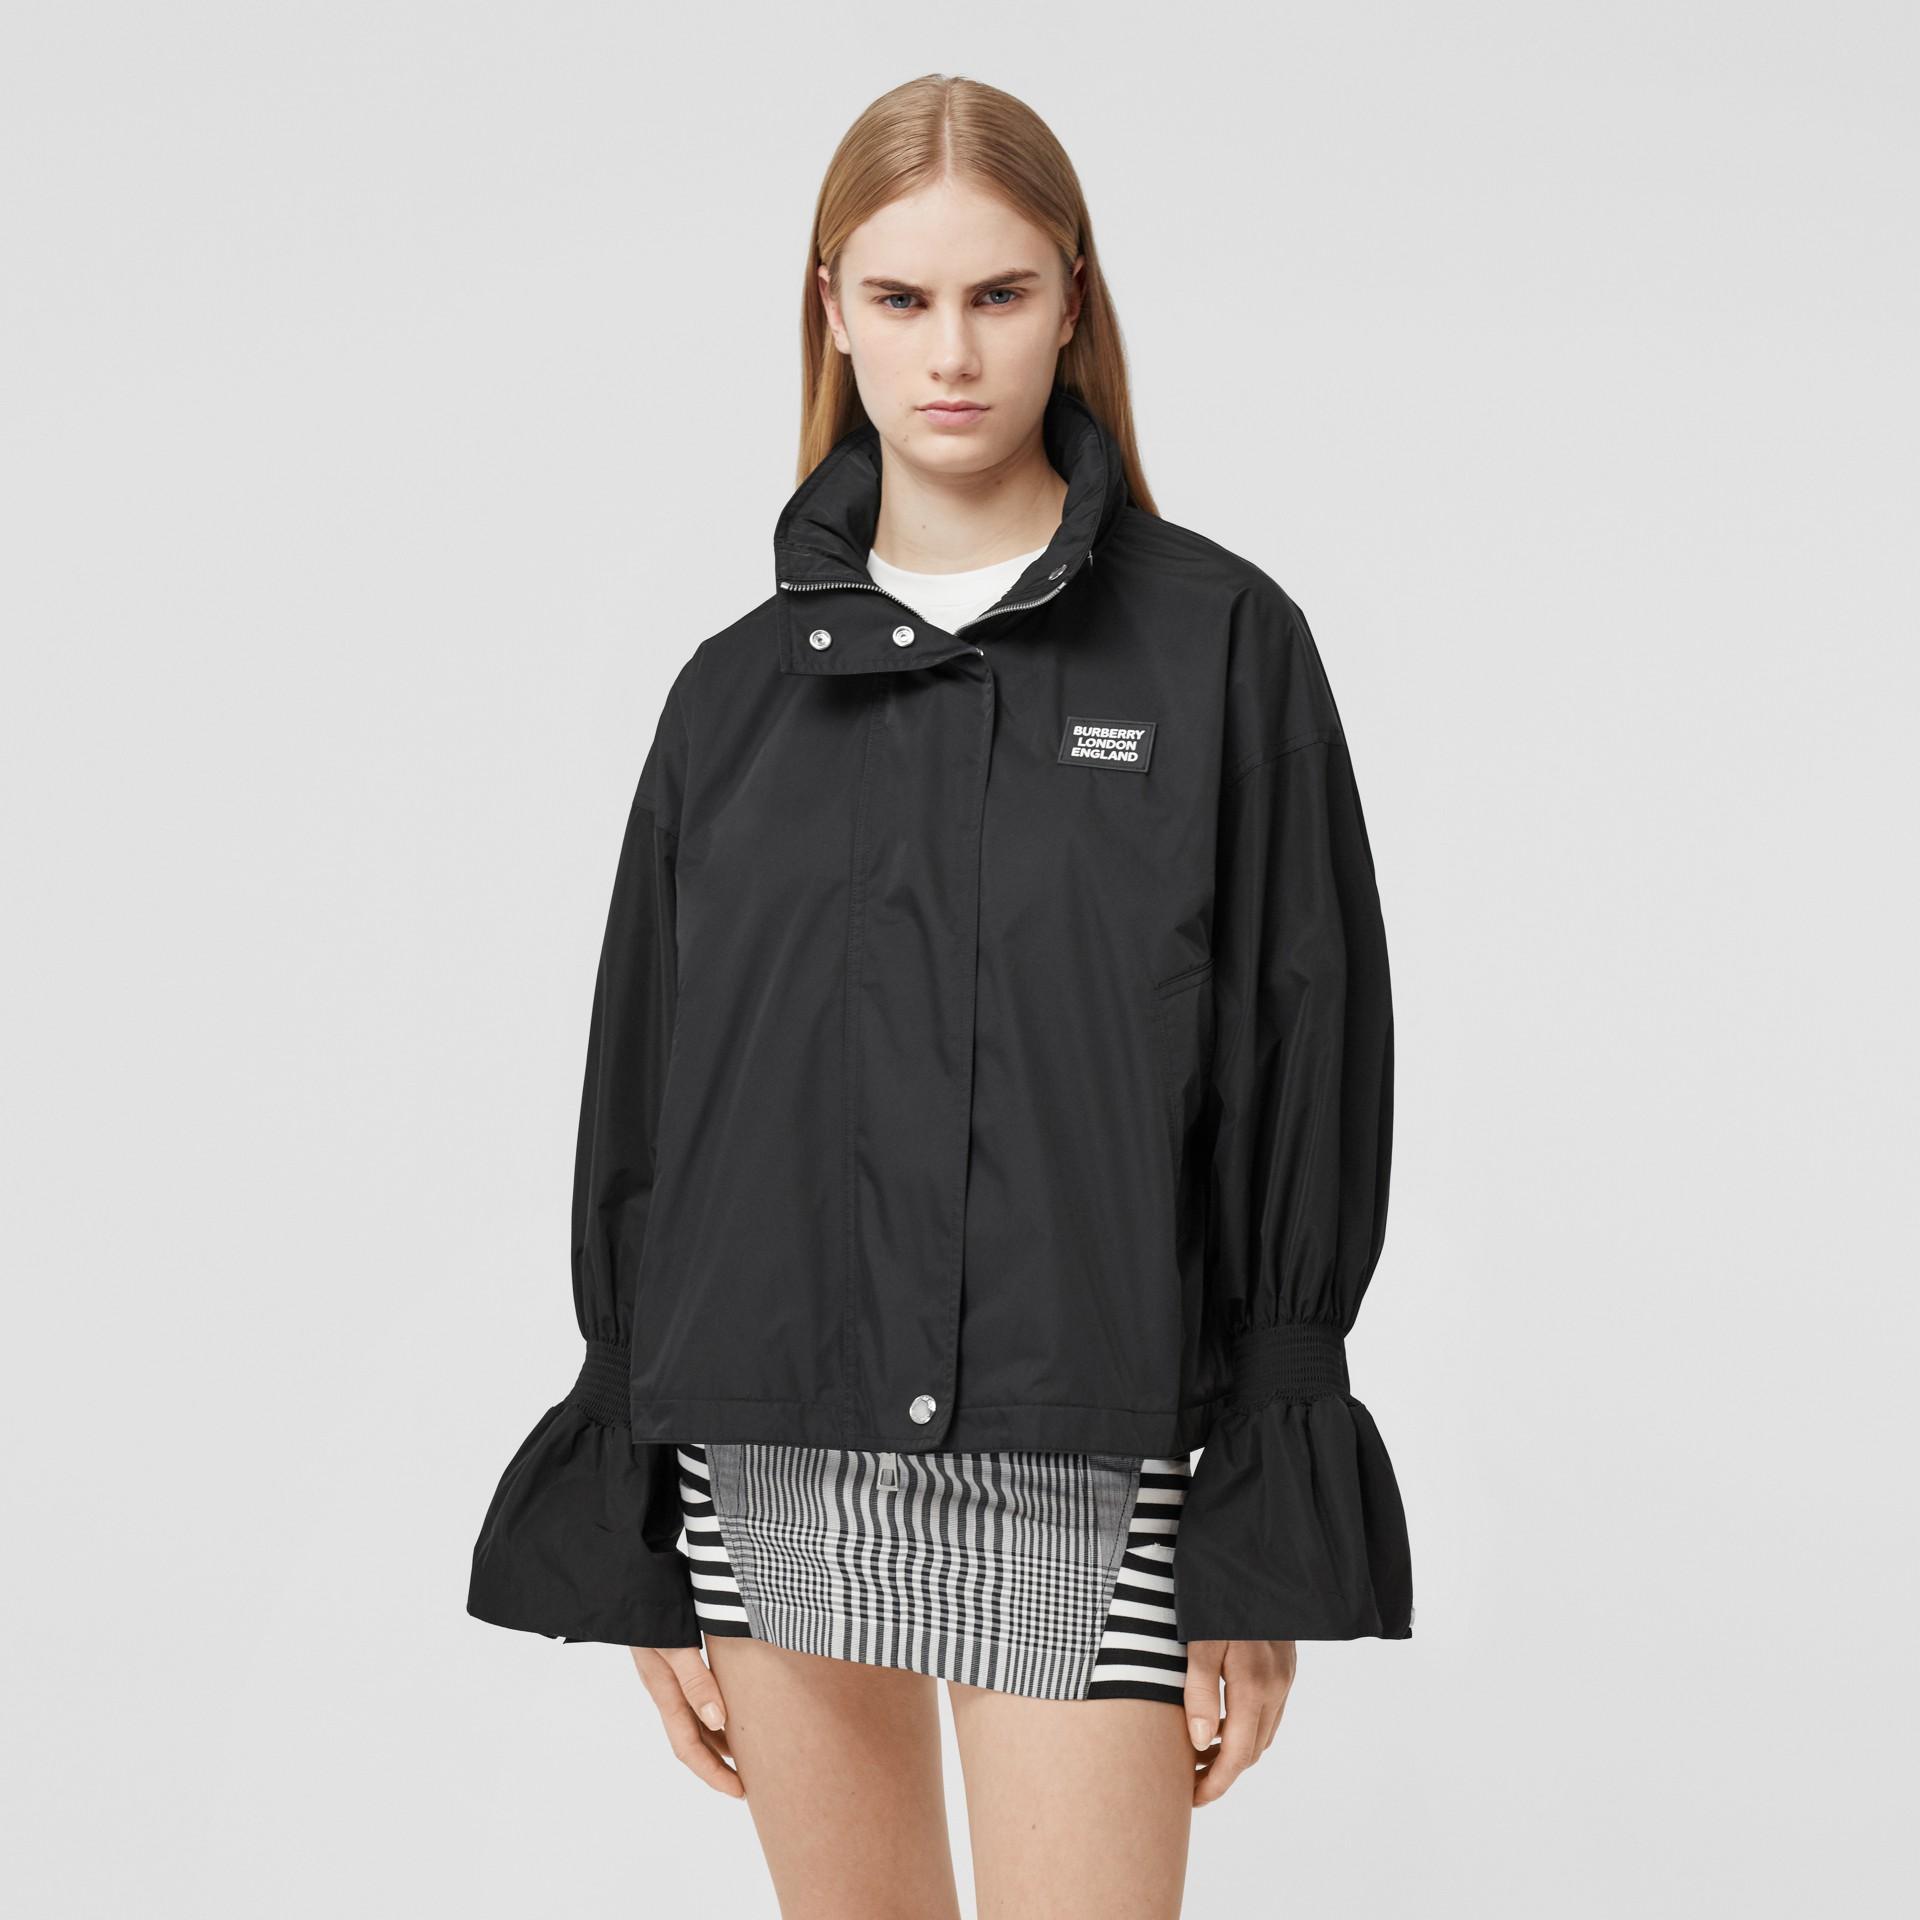 Packaway Hood Bio-based Nylon Jacket in Black - Women | Burberry - gallery image 5